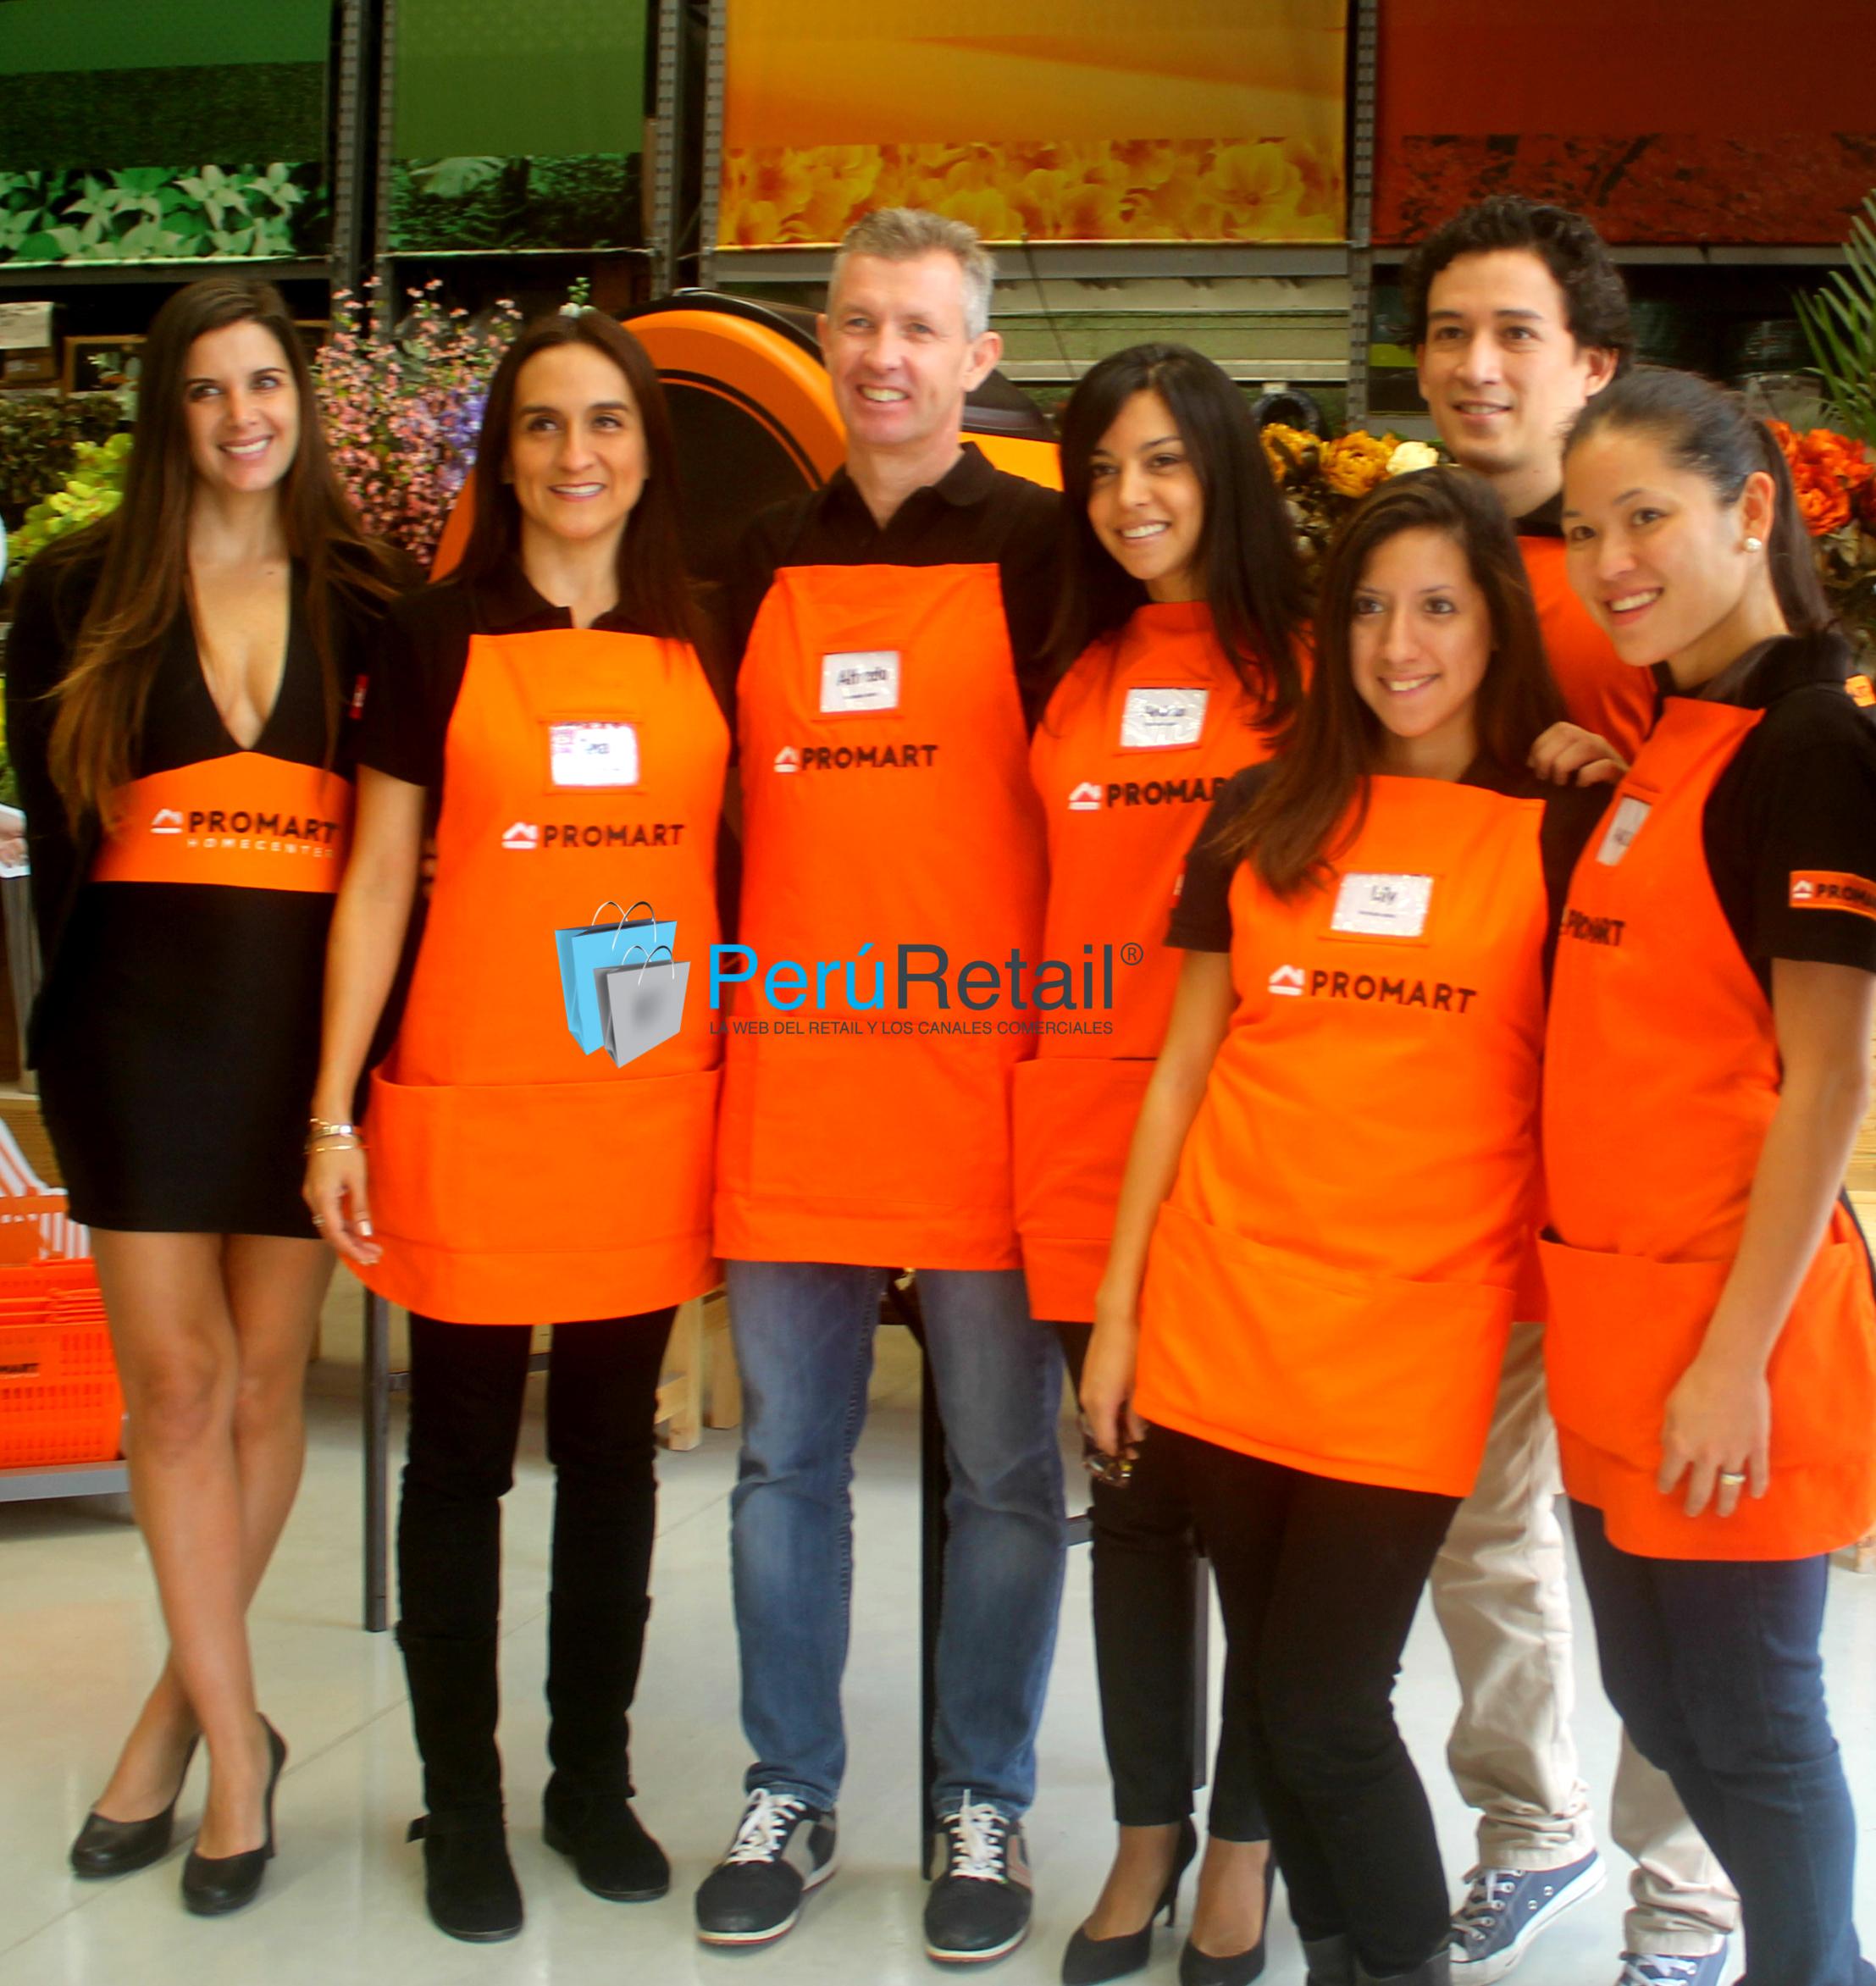 Promart PeruRetail1 - El talento peruano y sus implicancias en el sector retail